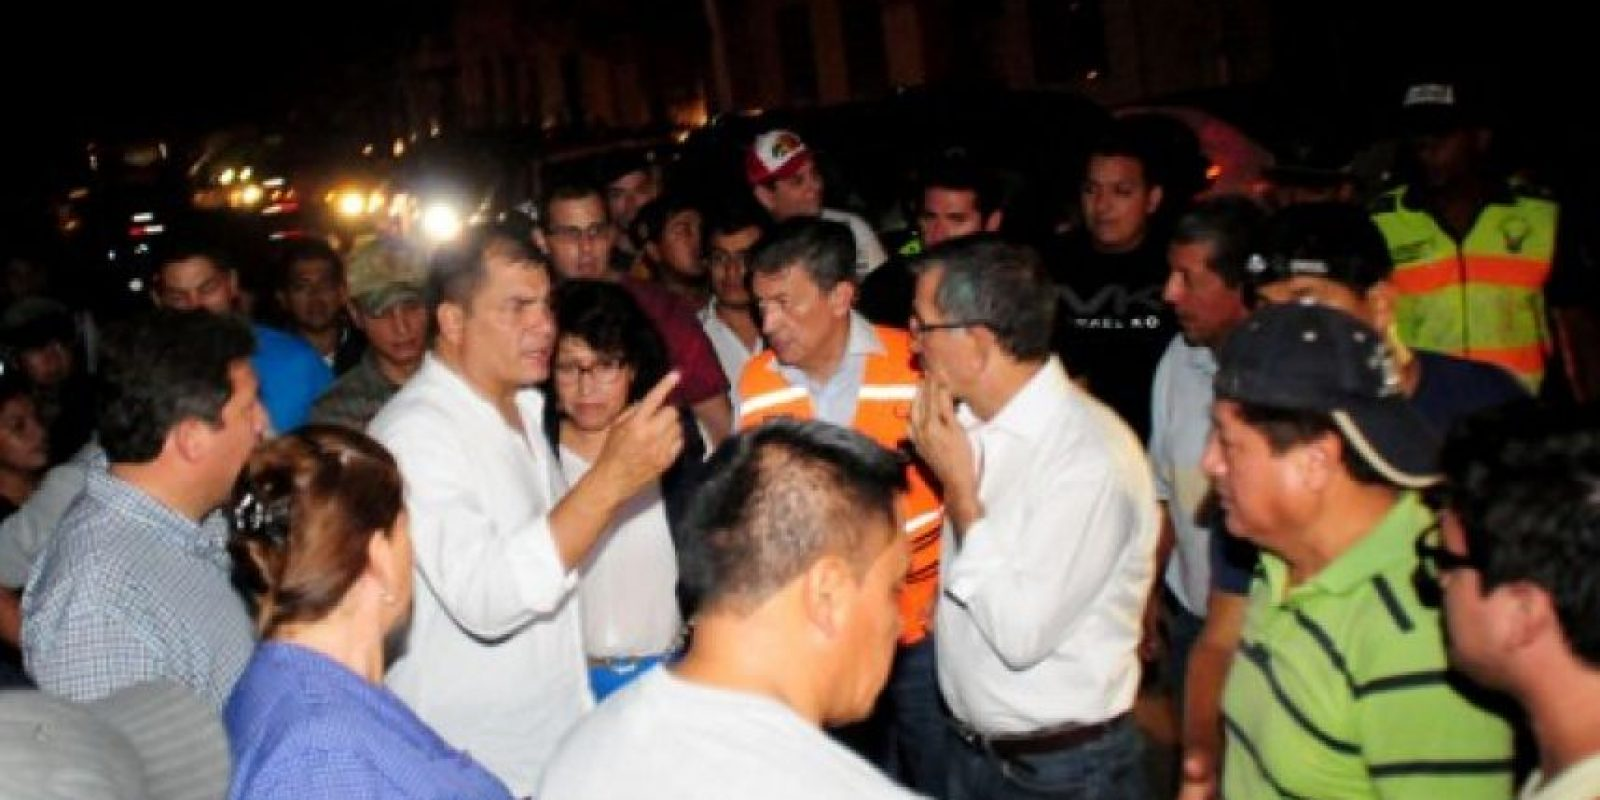 El presidente Rafael Correa ya dio palabras de apoyo a su pueblo. Foto:AFP